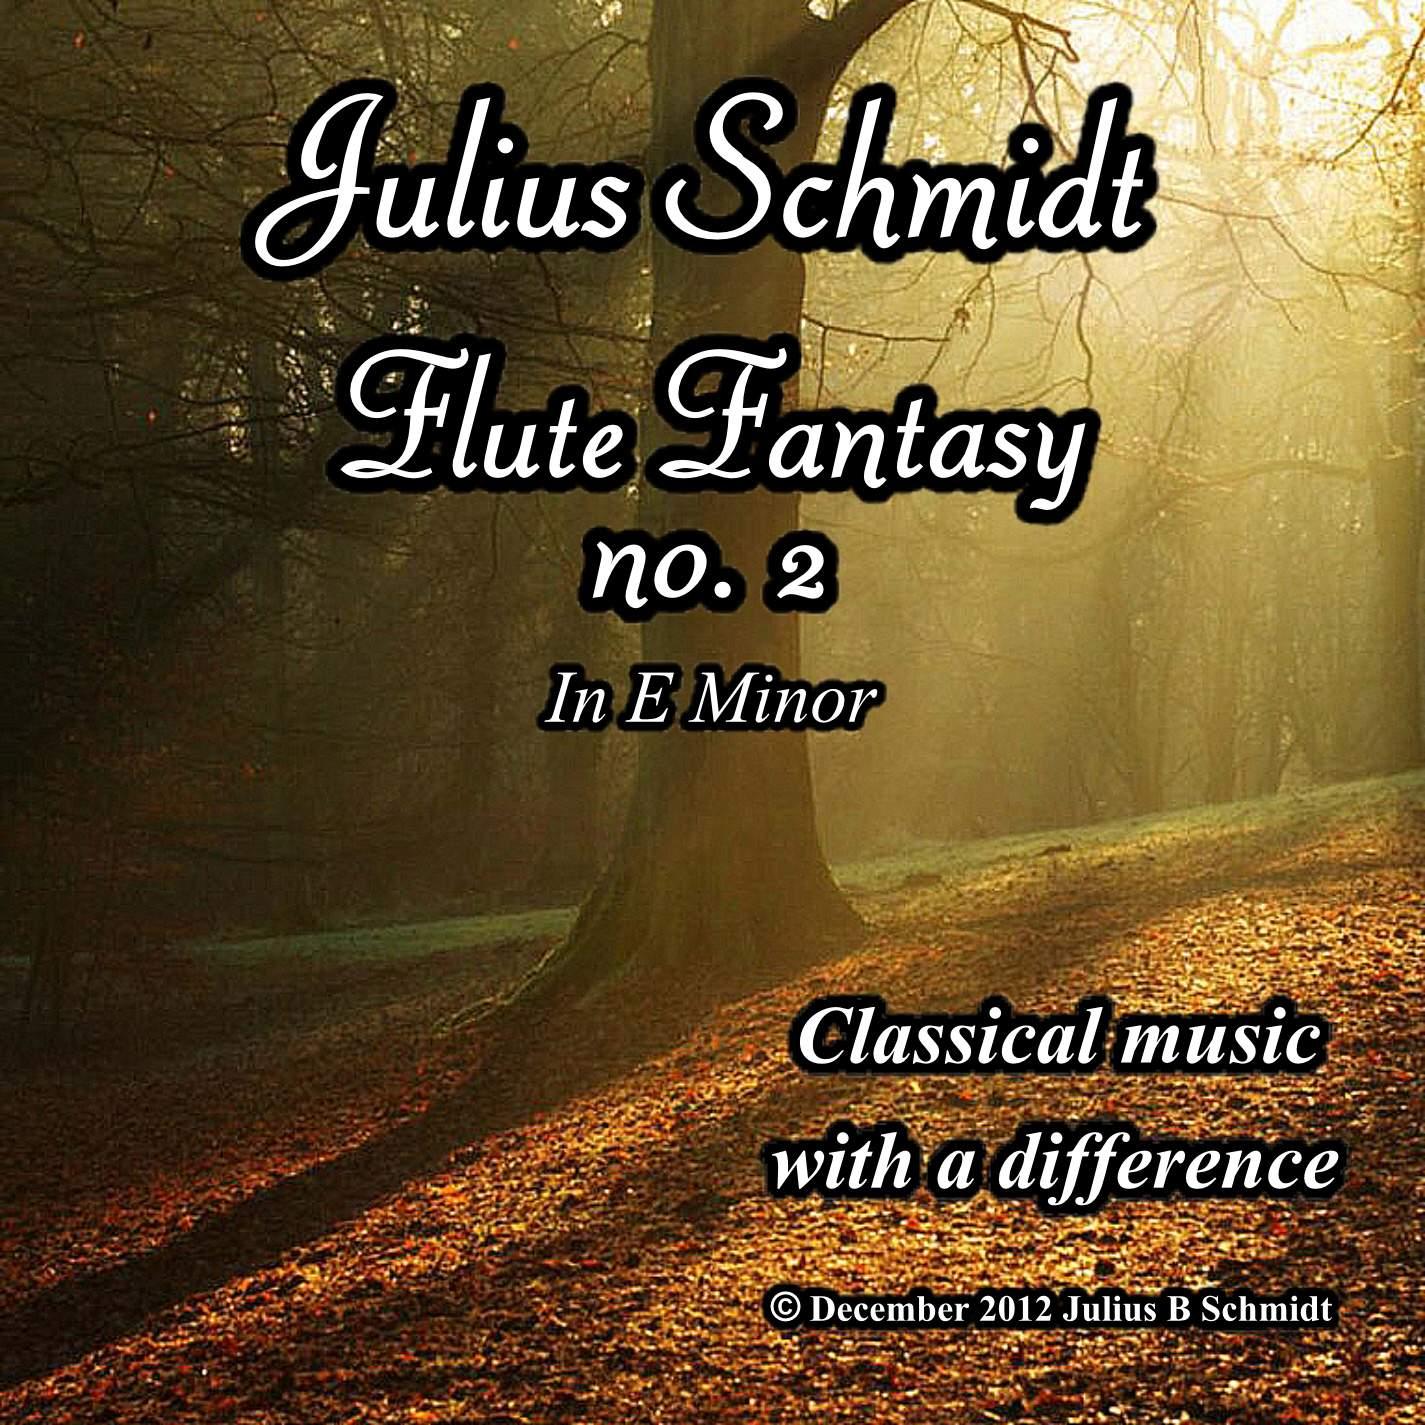 Flute Fantasy No 2 in E minor